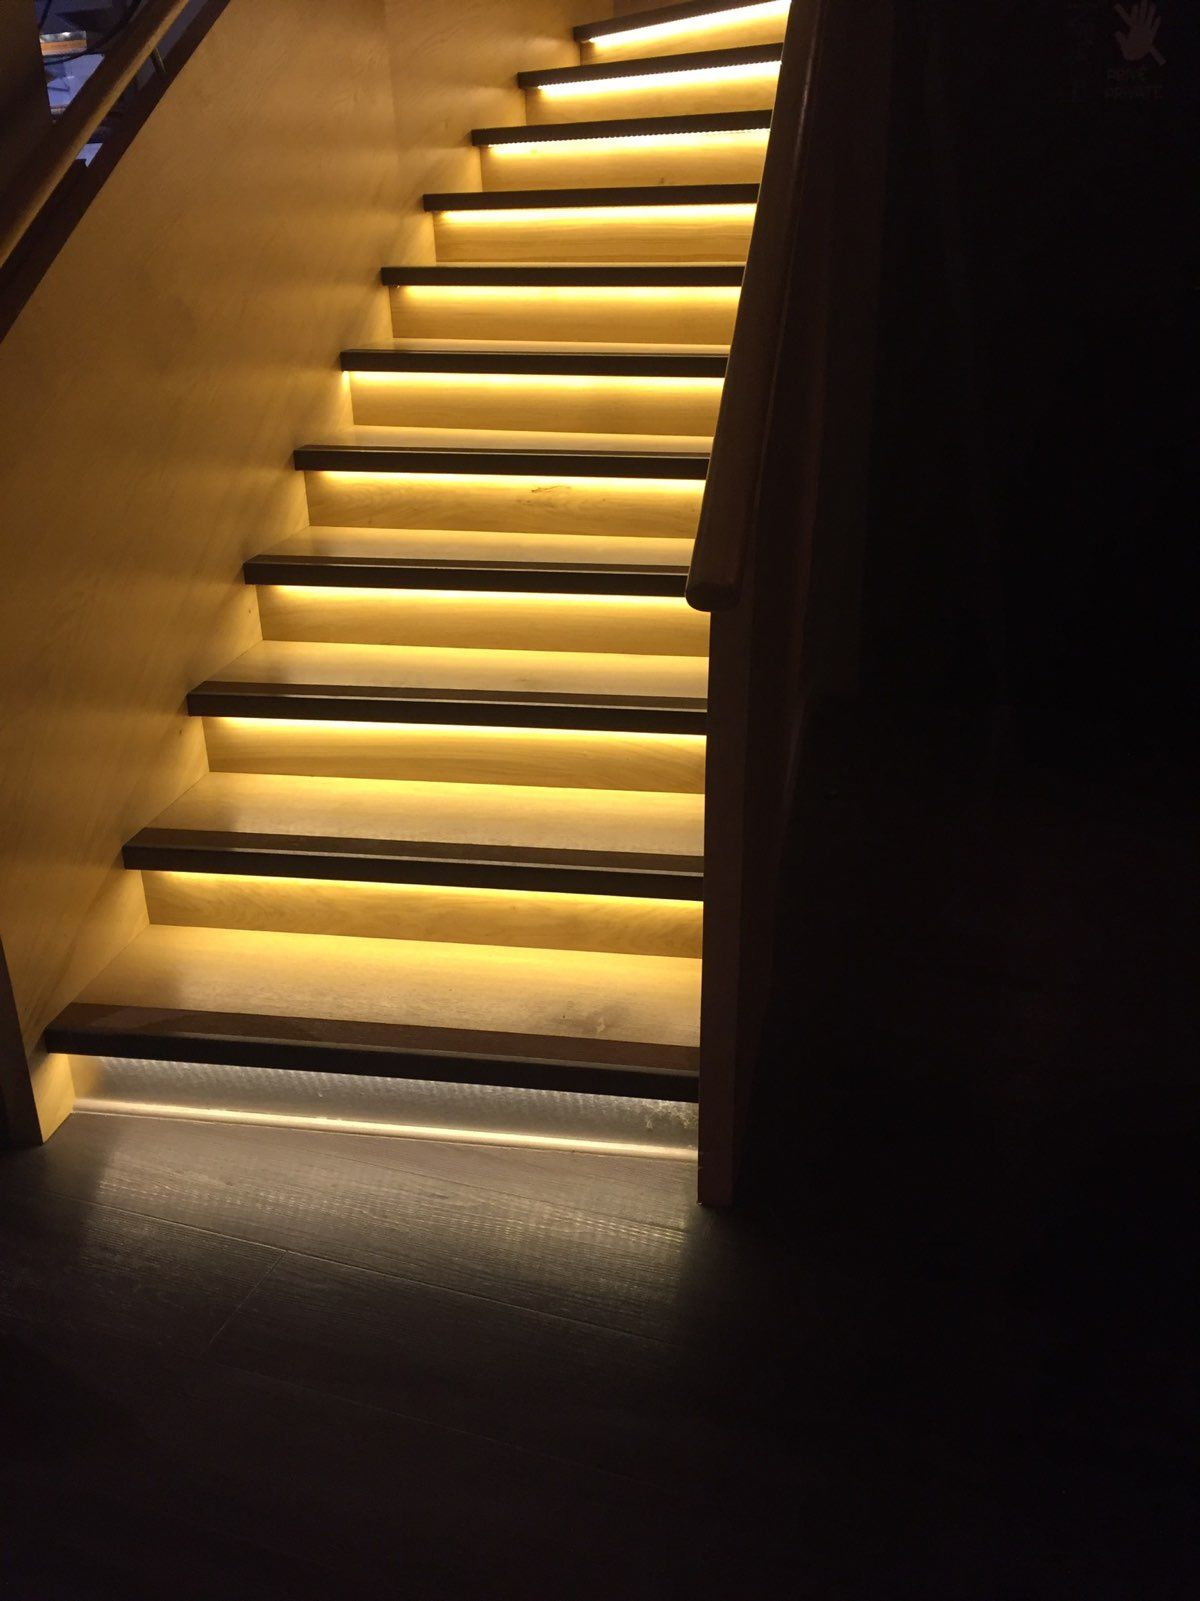 Good Découvrez Les 3 Différentes Méthodes Pour Un éclairage Du0027escalier Intérieur,  Et Le Faire Devenir Moderne Et Design Très Simplement Et Rapidement .